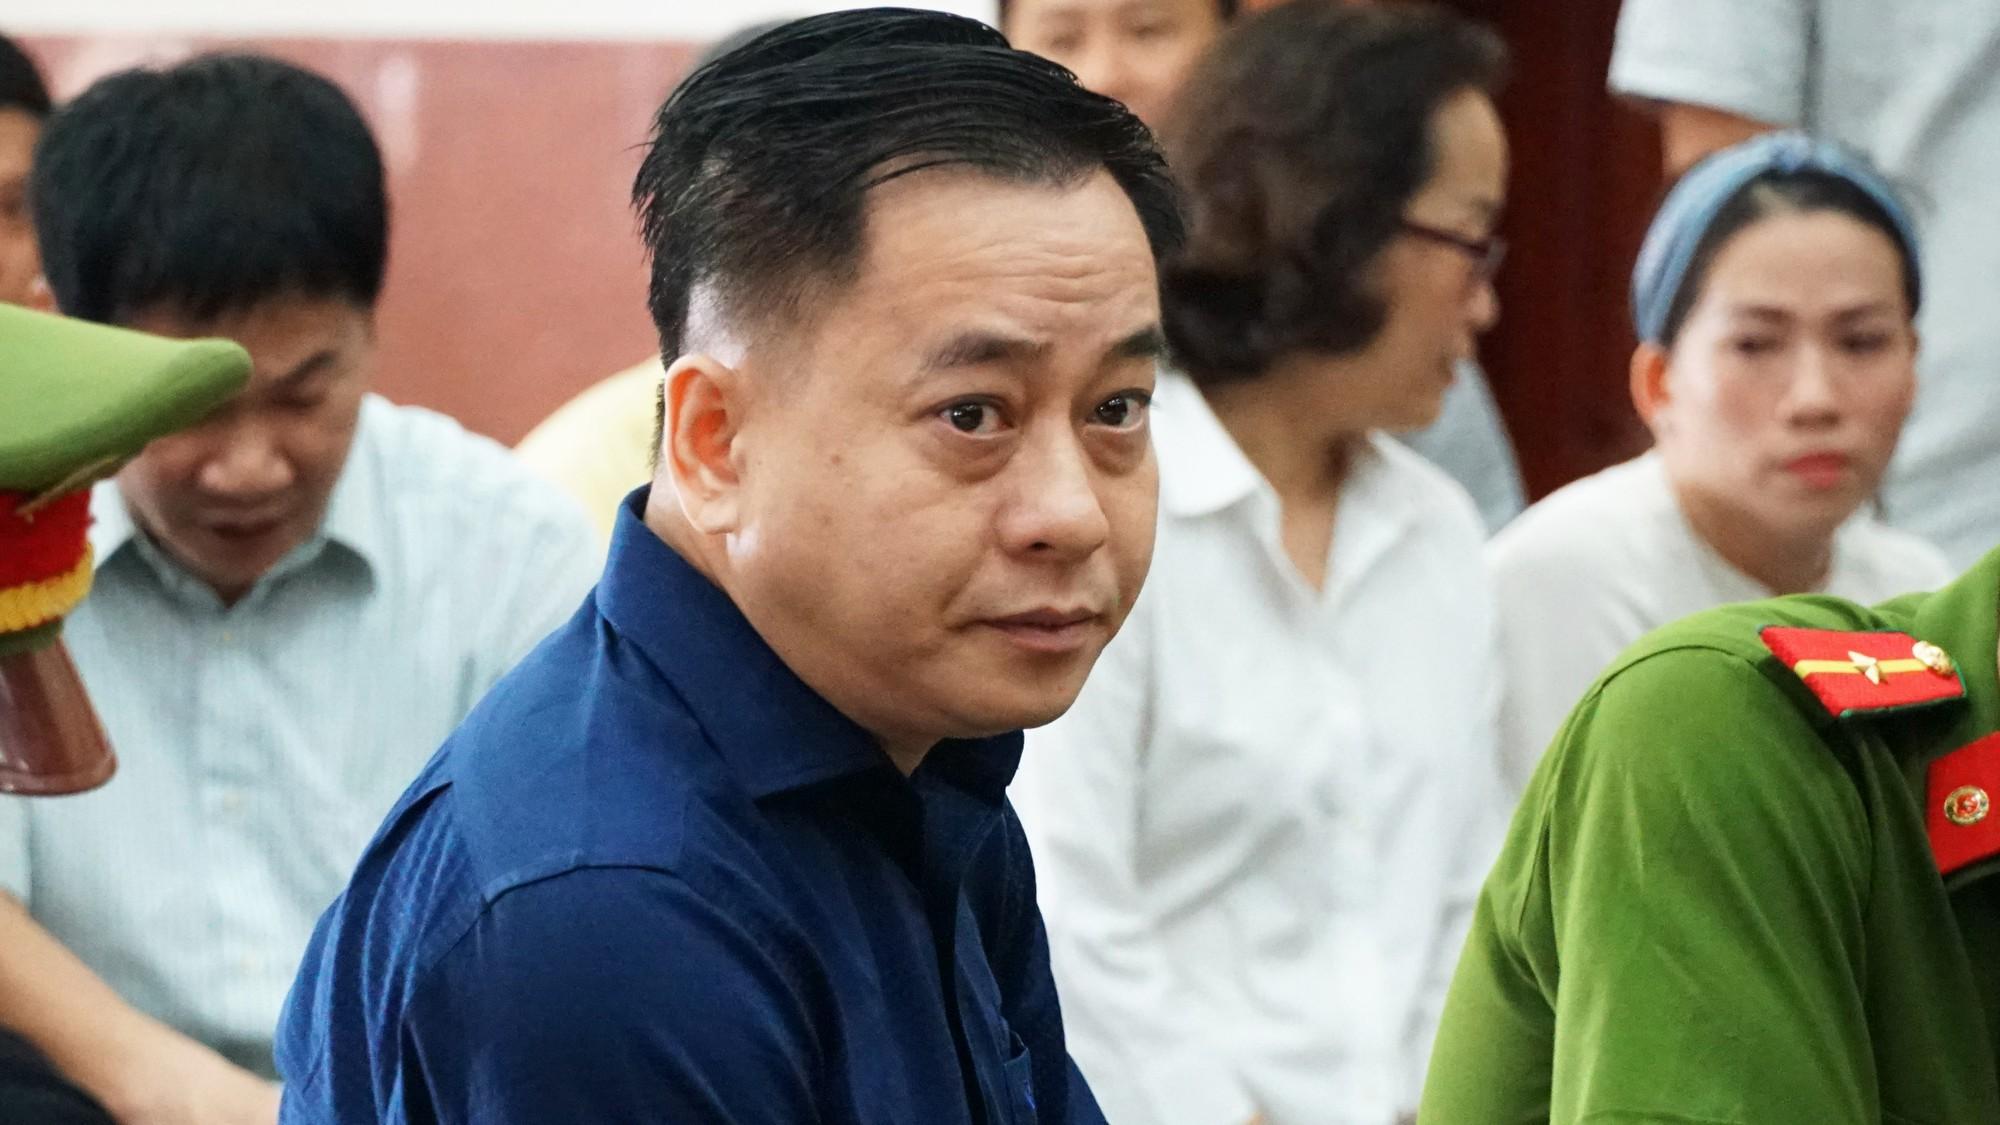 Tòa phúc thẩm sắp mở lại phiên xử Phan Văn Anh Vũ cùng đồng phạm - Ảnh 1.